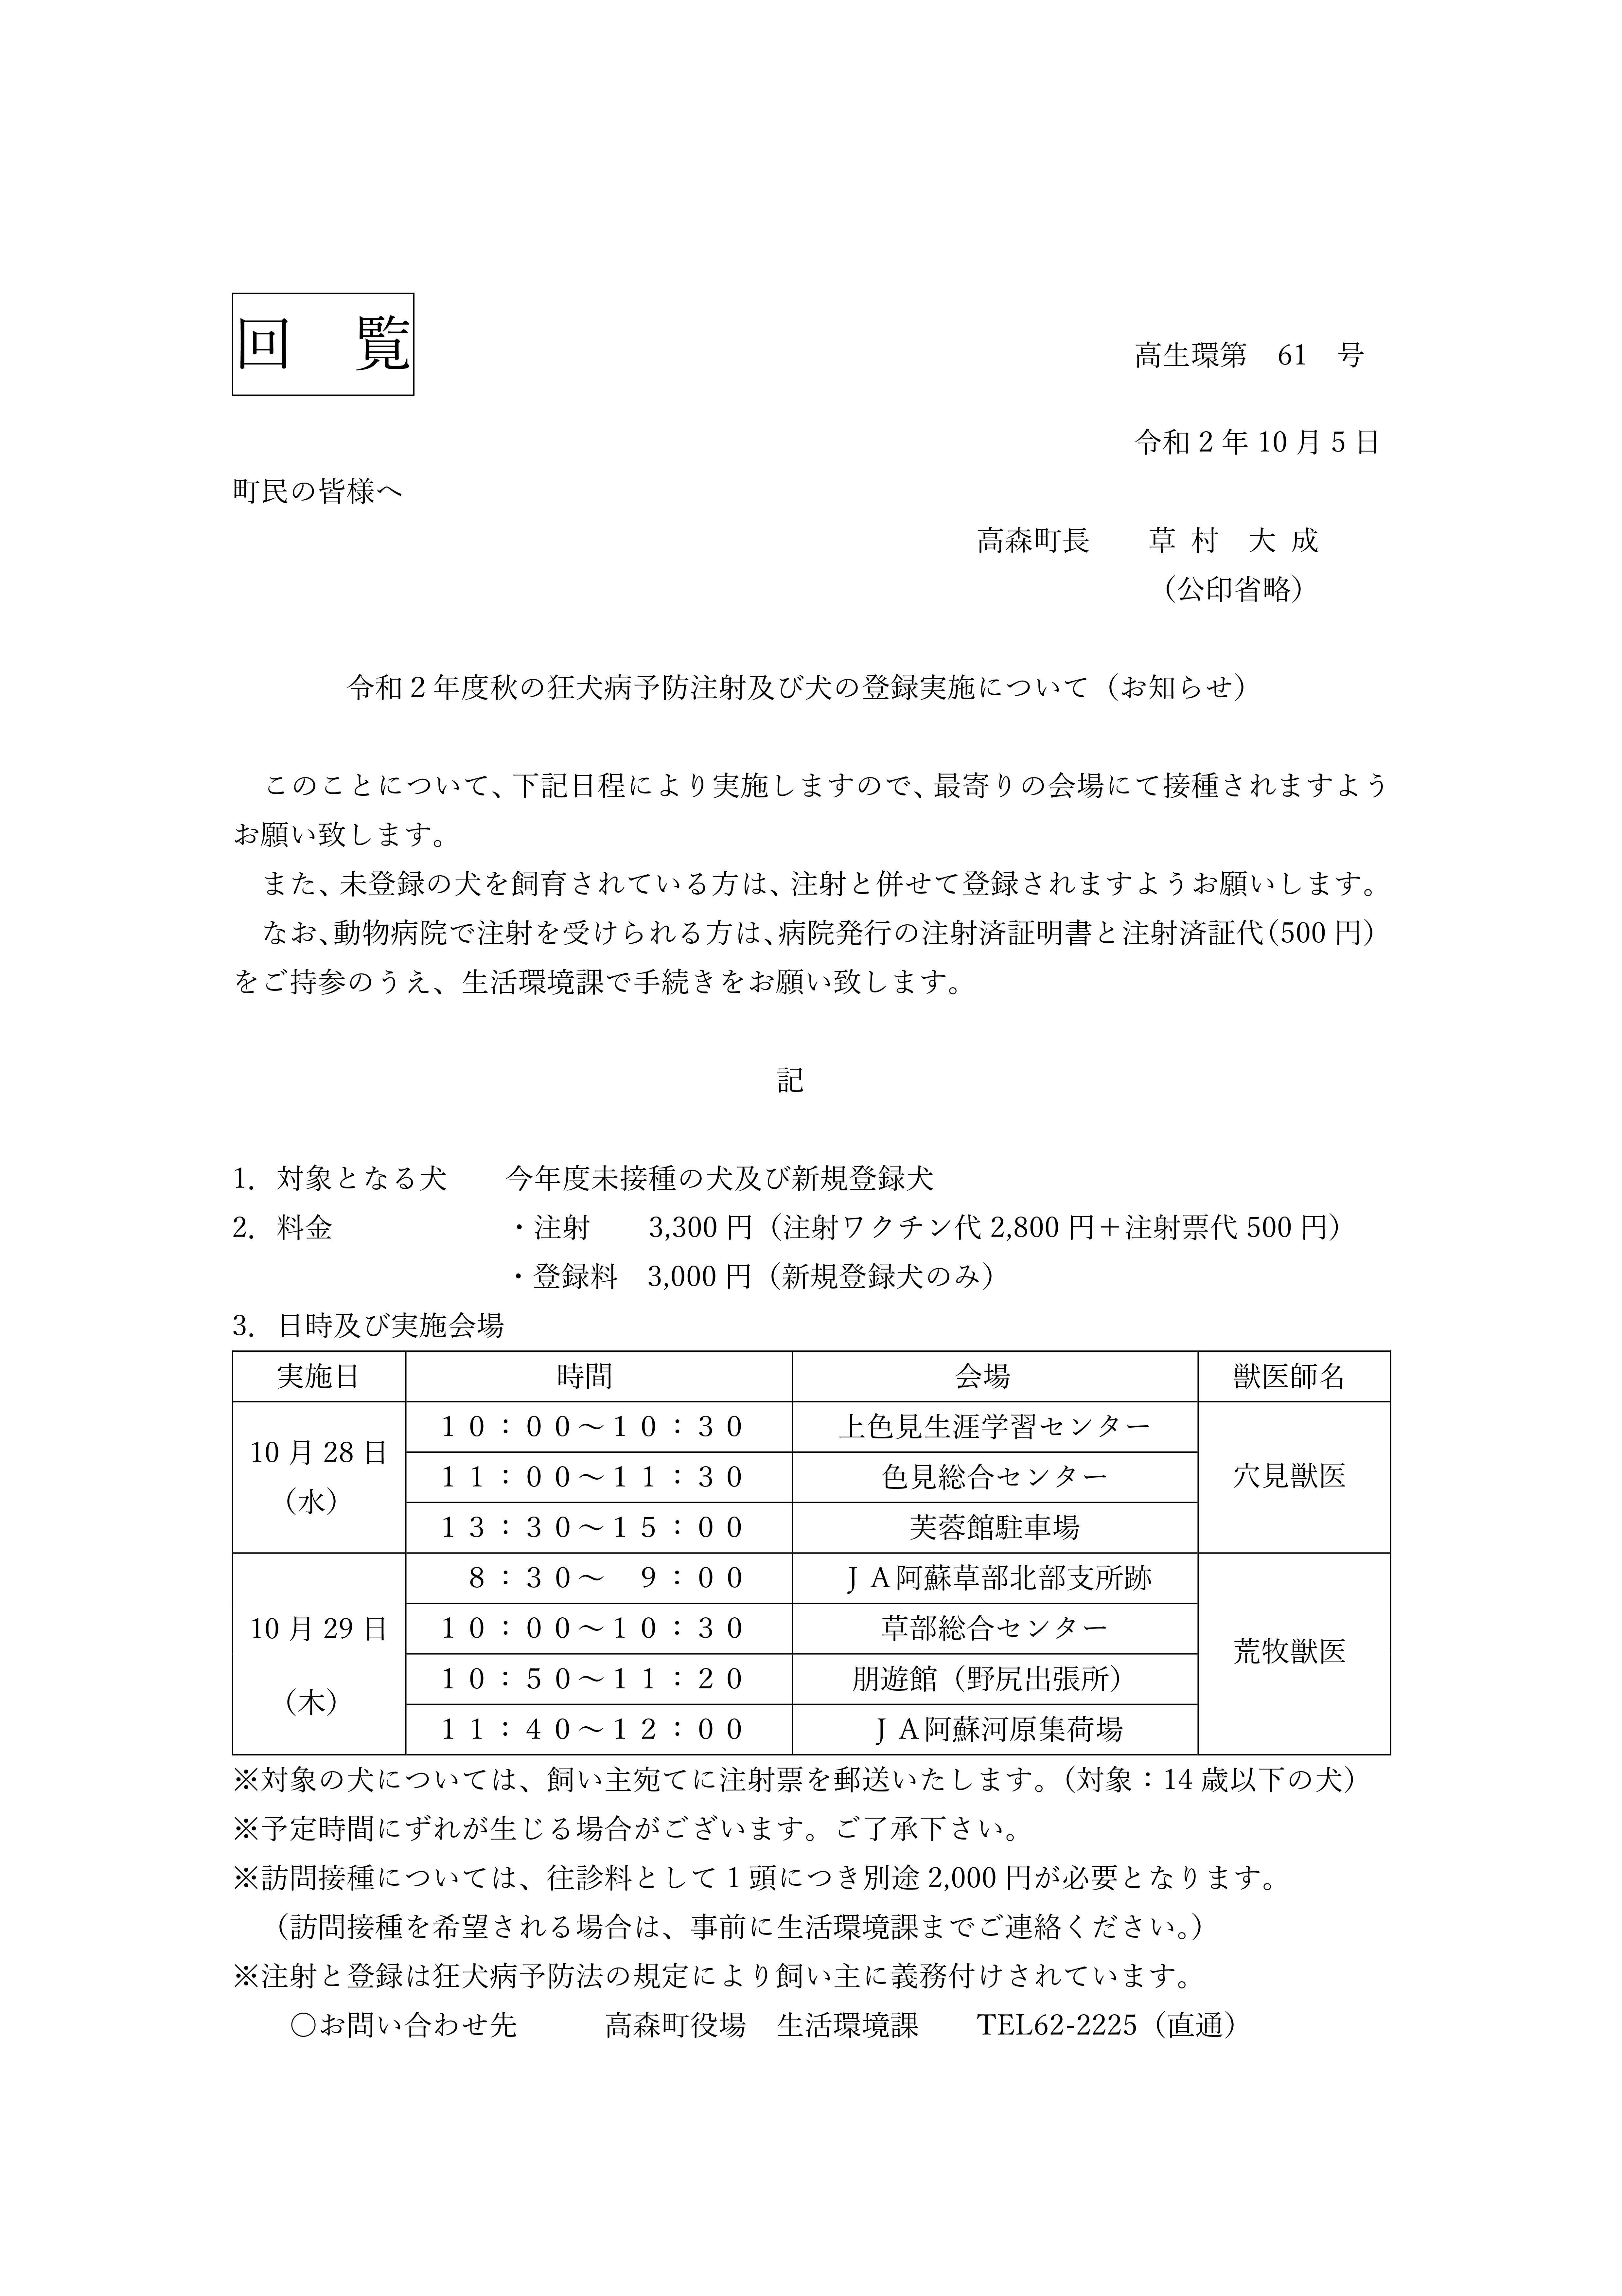 http://www.town.takamori.kumamoto.jp/chosha/somu/upload/84d5fffe365b164db7f9e07c02268bfcb3f57a06.jpg